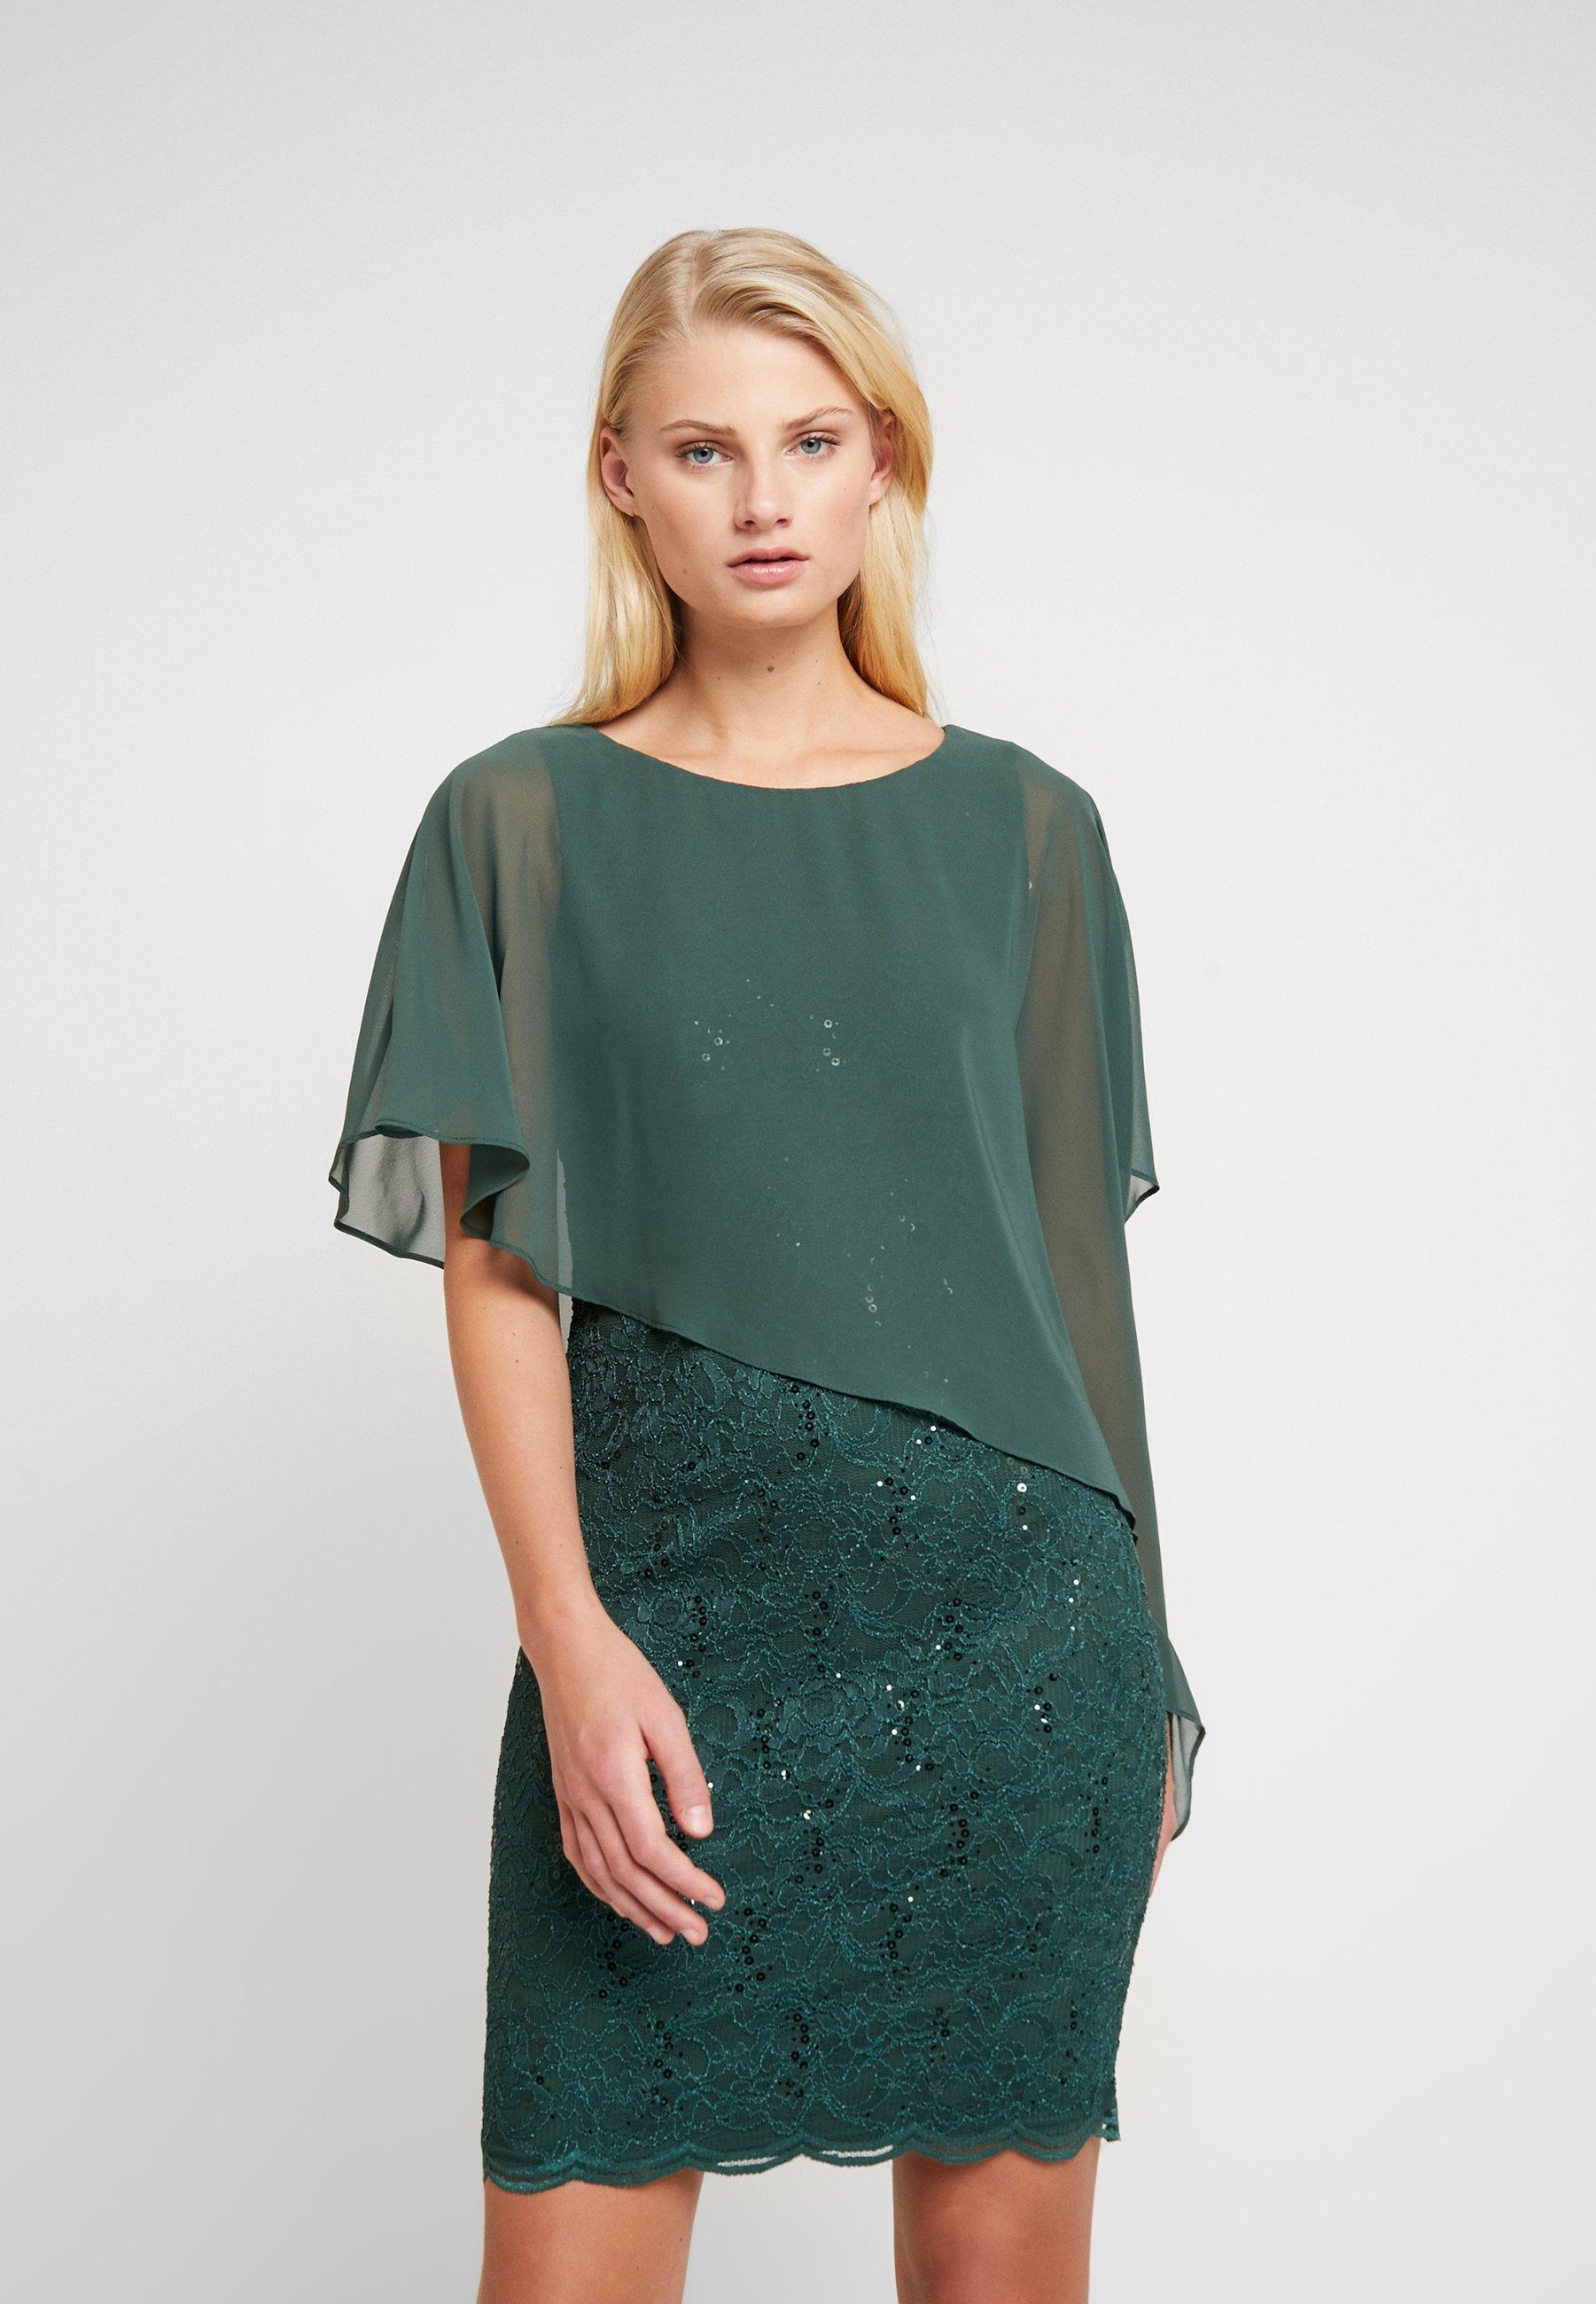 Cocktailkleid/festliches Kleid - grün